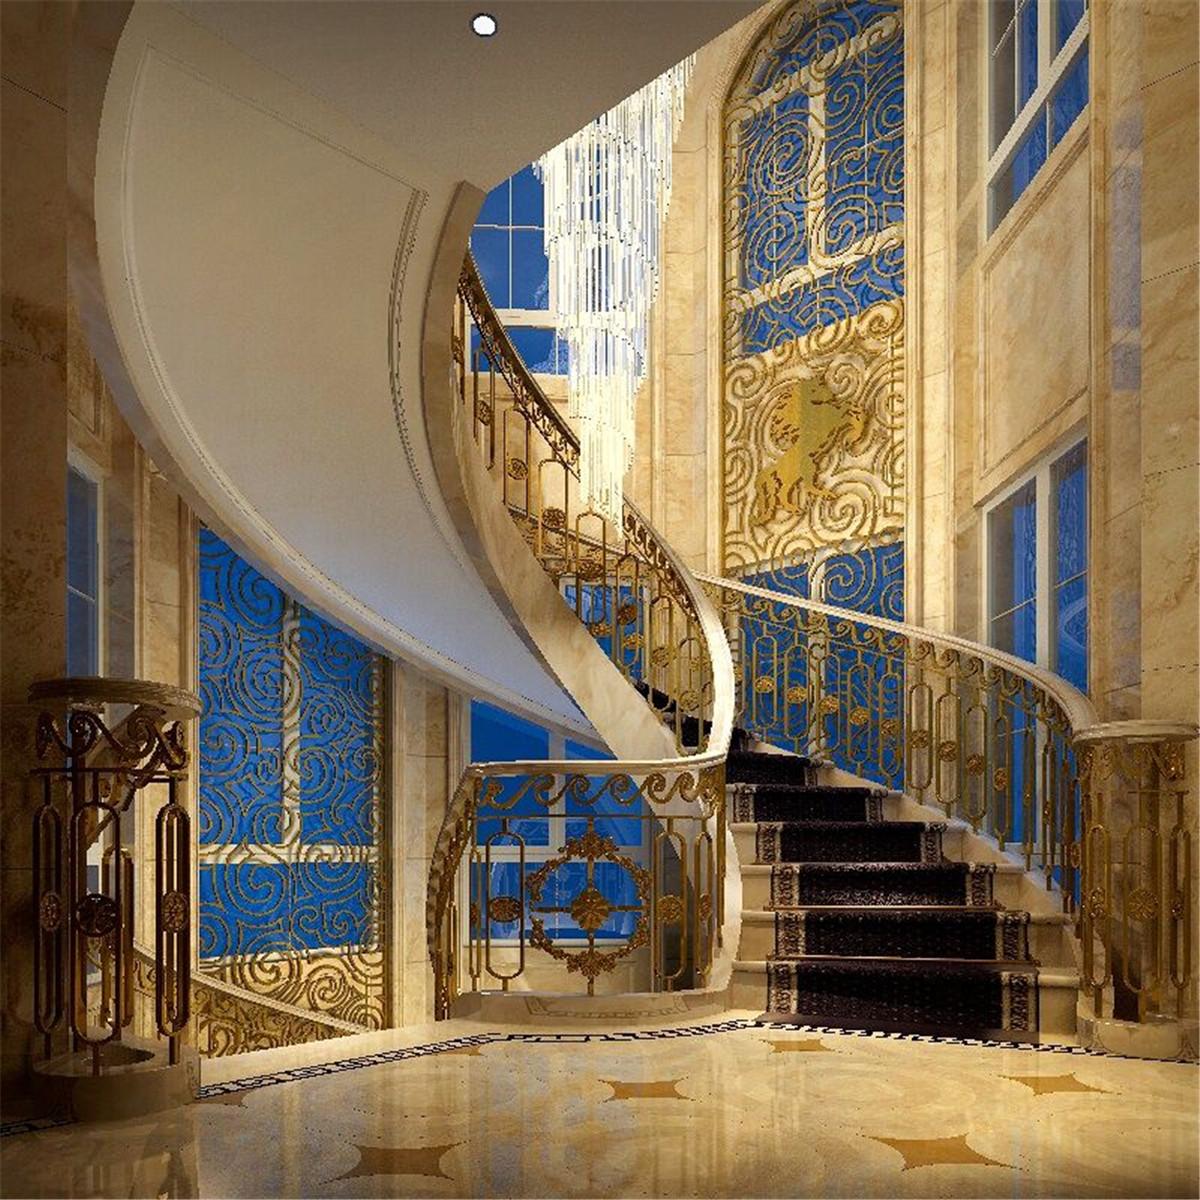 阳光乾城苑 装修设计 欧式古典 腾龙设计 楼梯图片来自室内设计师孔继民在阳光乾城苑别墅装修新古典设计的分享